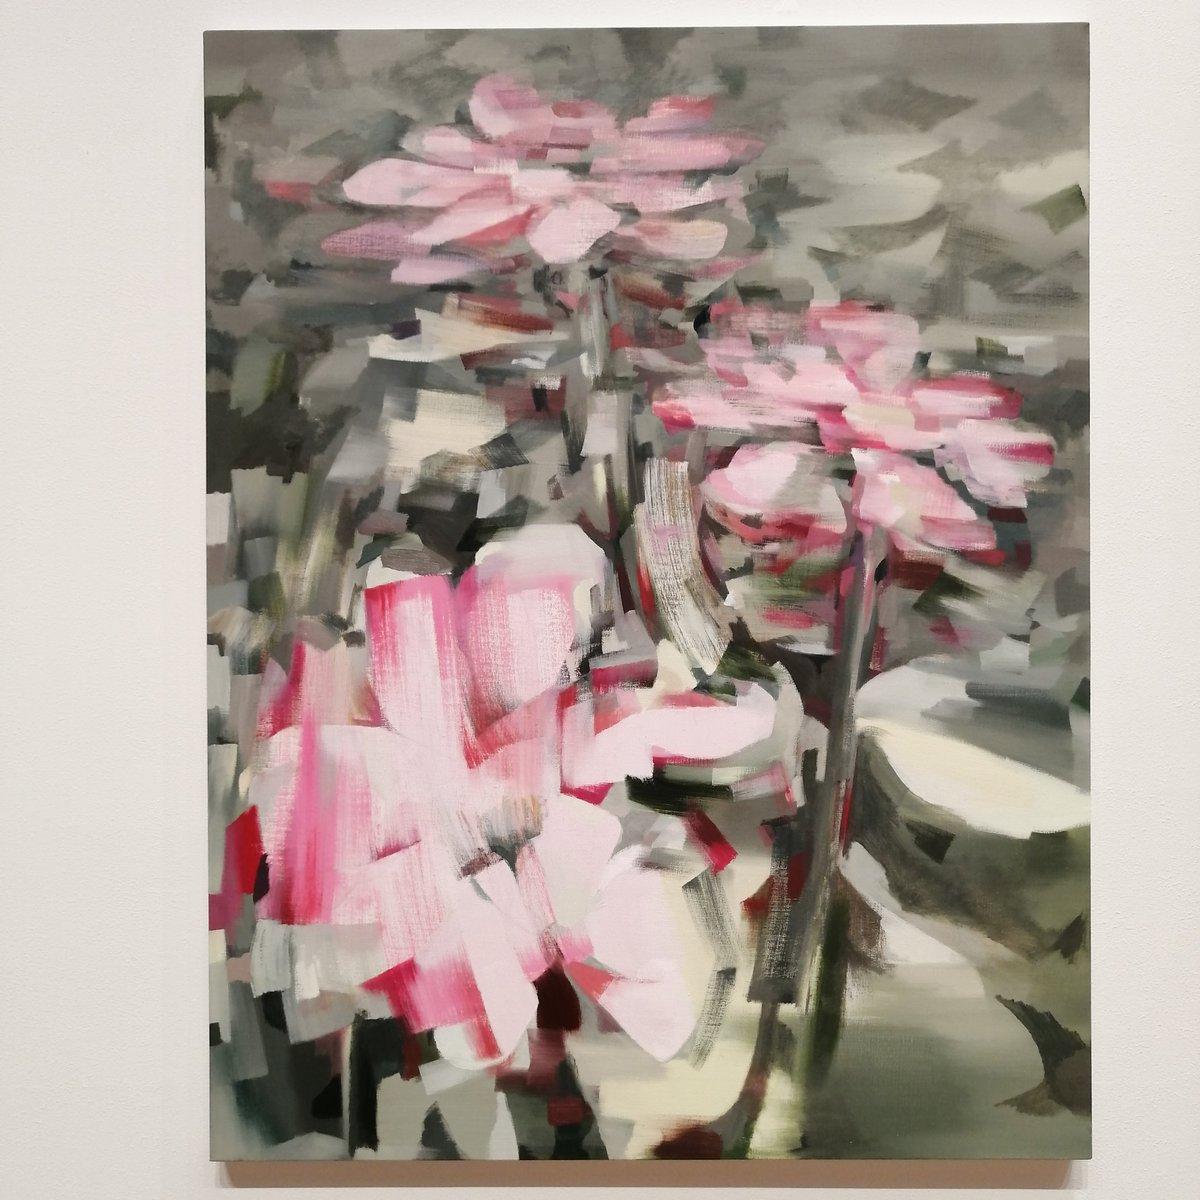 test ツイッターメディア - 銀座シックスのGINZA ATRIUMの「愛すべきアートの話」で見た三瓶玲奈さんの作品が、とてもおしゃれで美しかった✨  すごく立体的に見える! 少ないタッチで大胆に描かれているようでもあるのに、計算された美!!  すごいな〜 赤いお花の作品がすごくすごく好き❤ https://t.co/lVG2YOCpKv